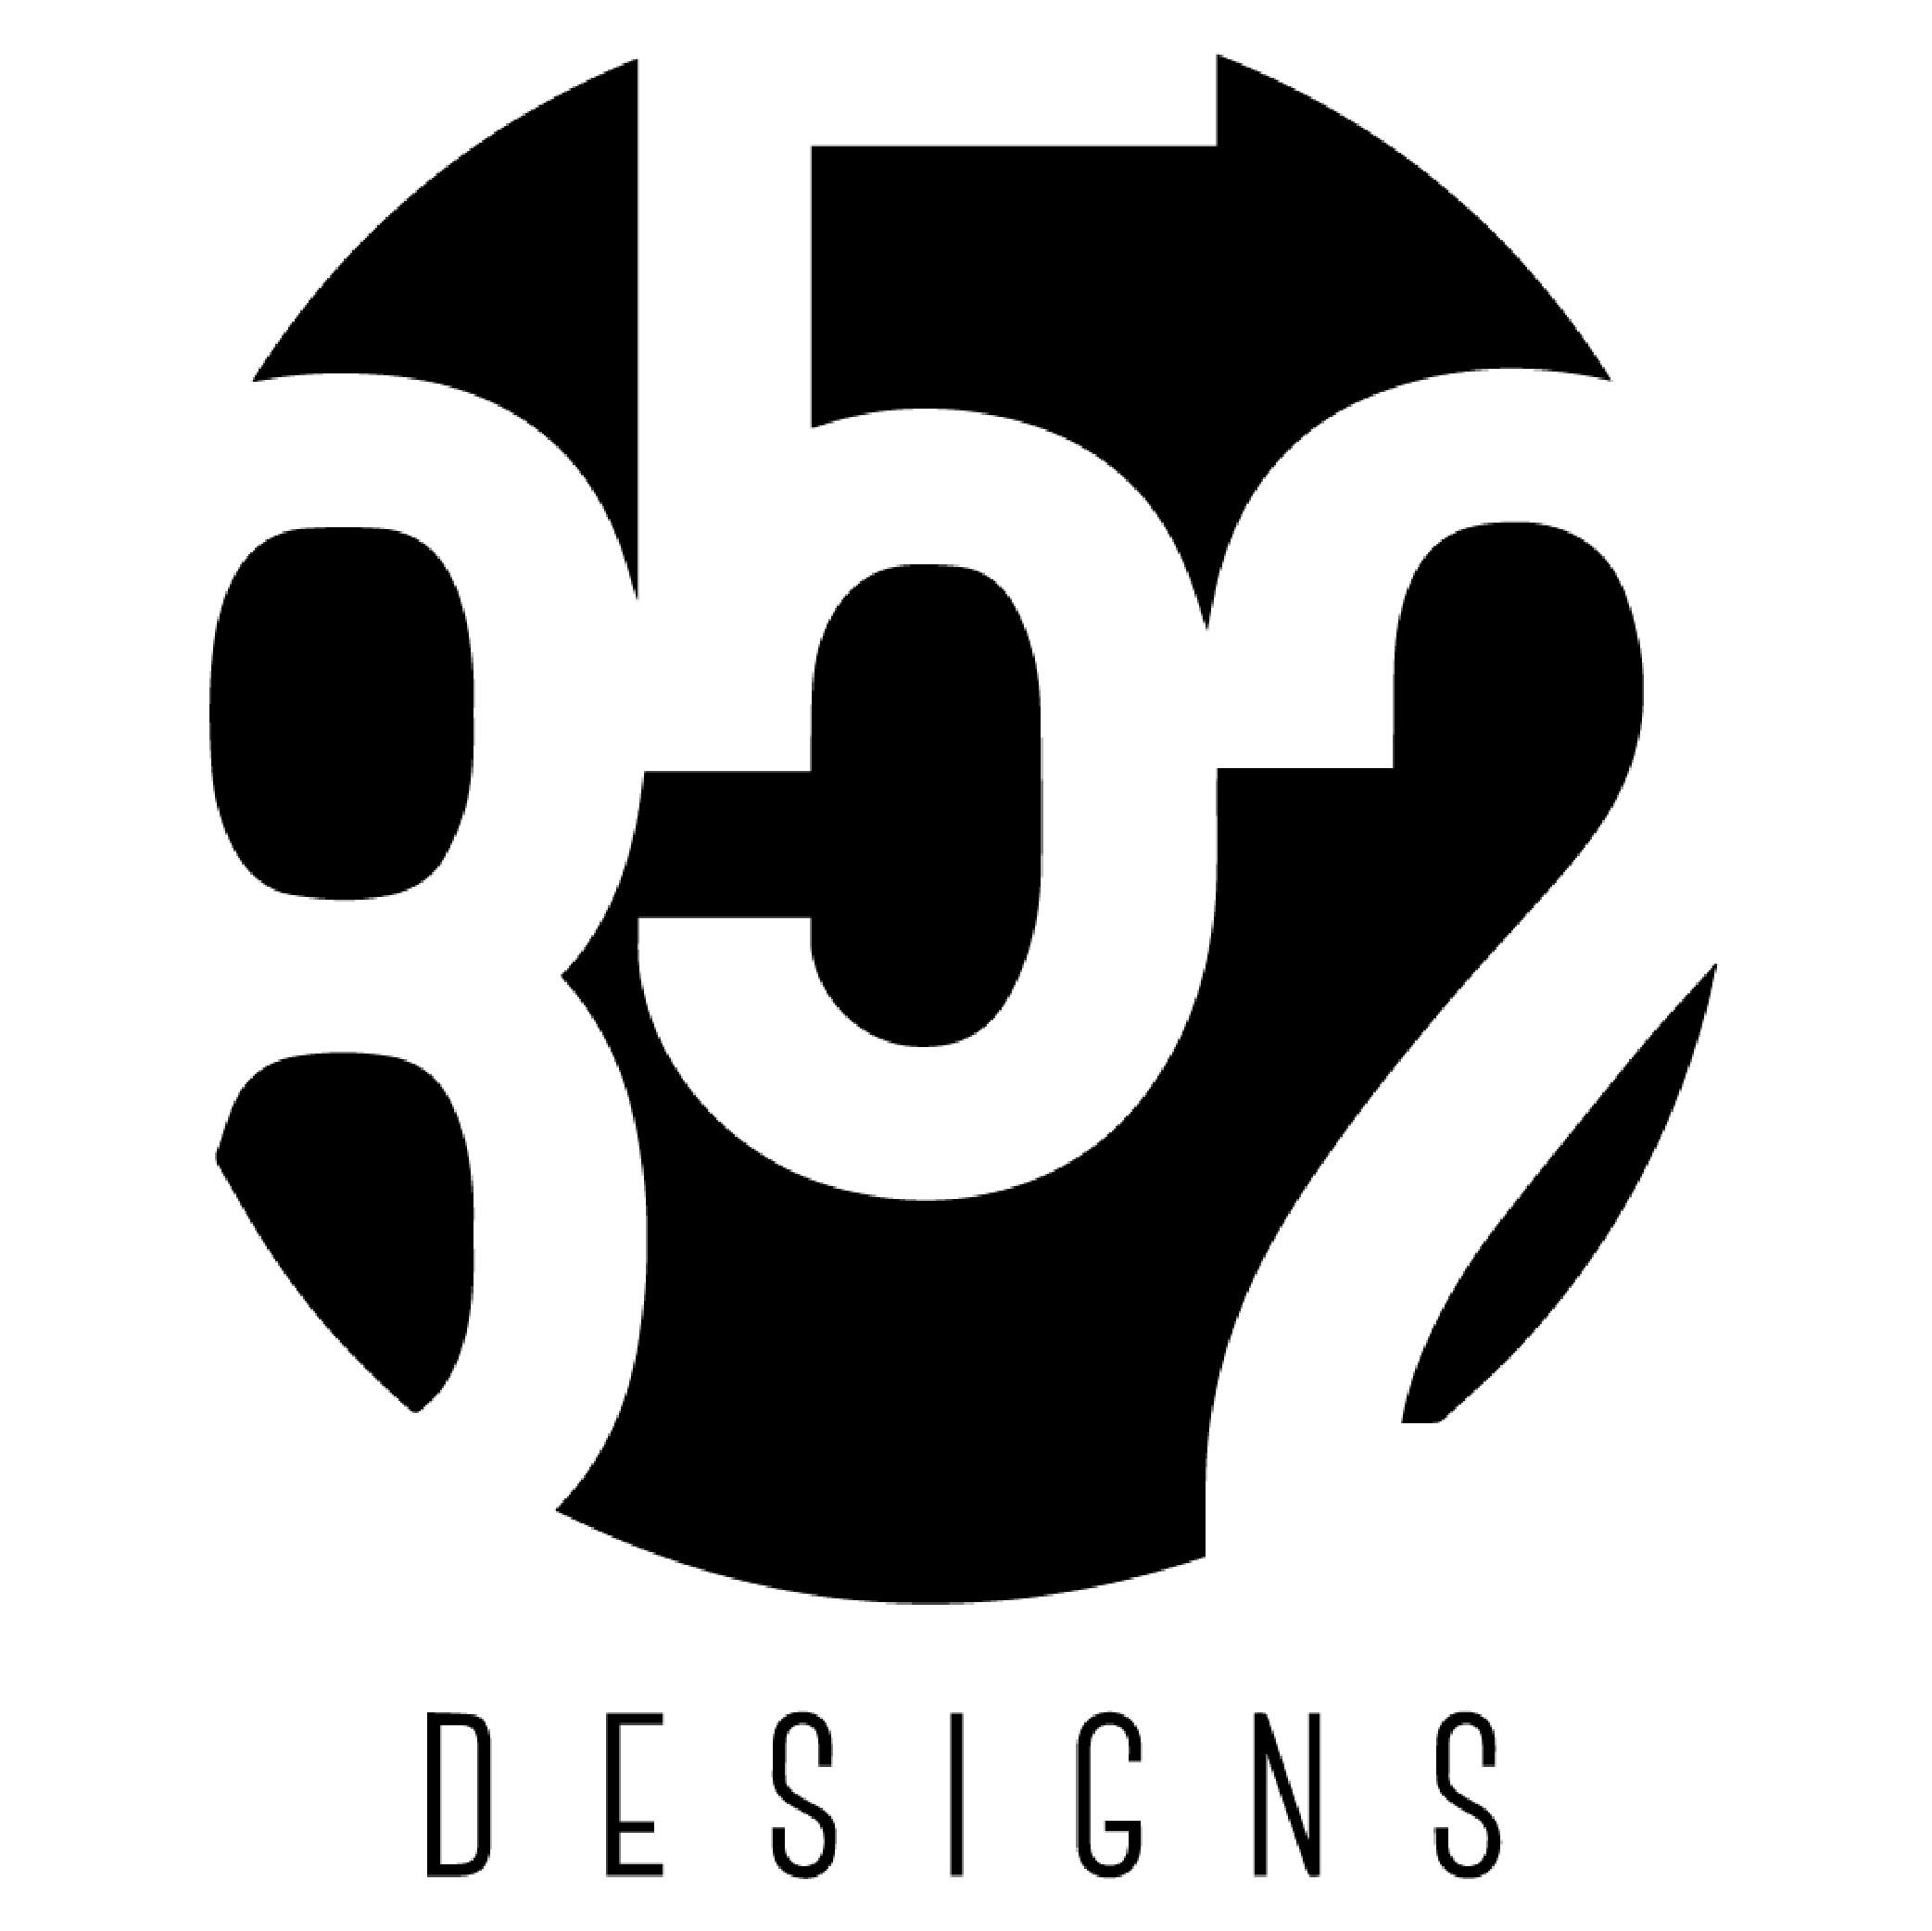 852 design